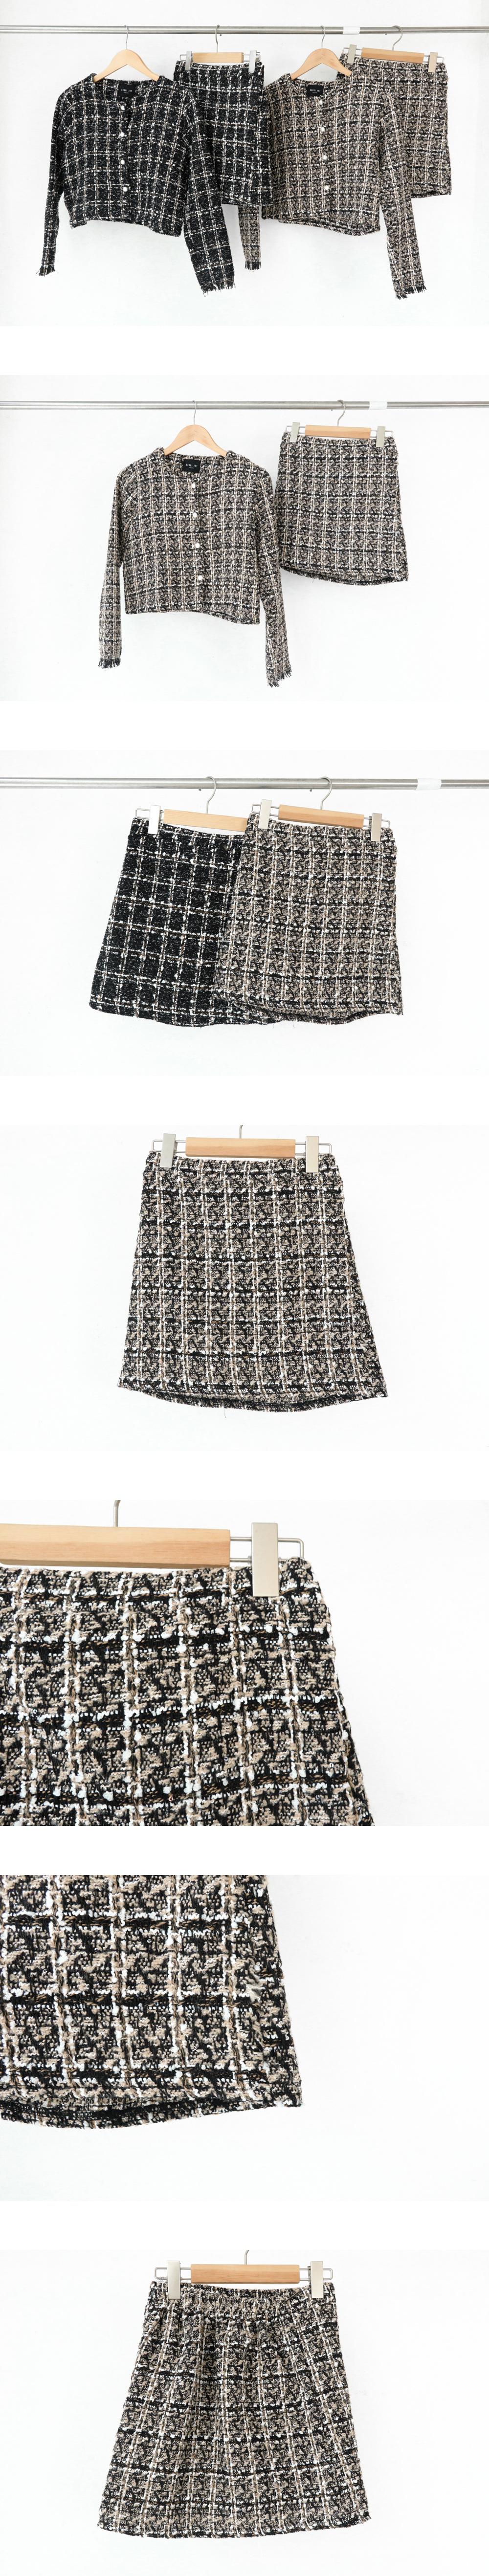 珍珠格紋短裙